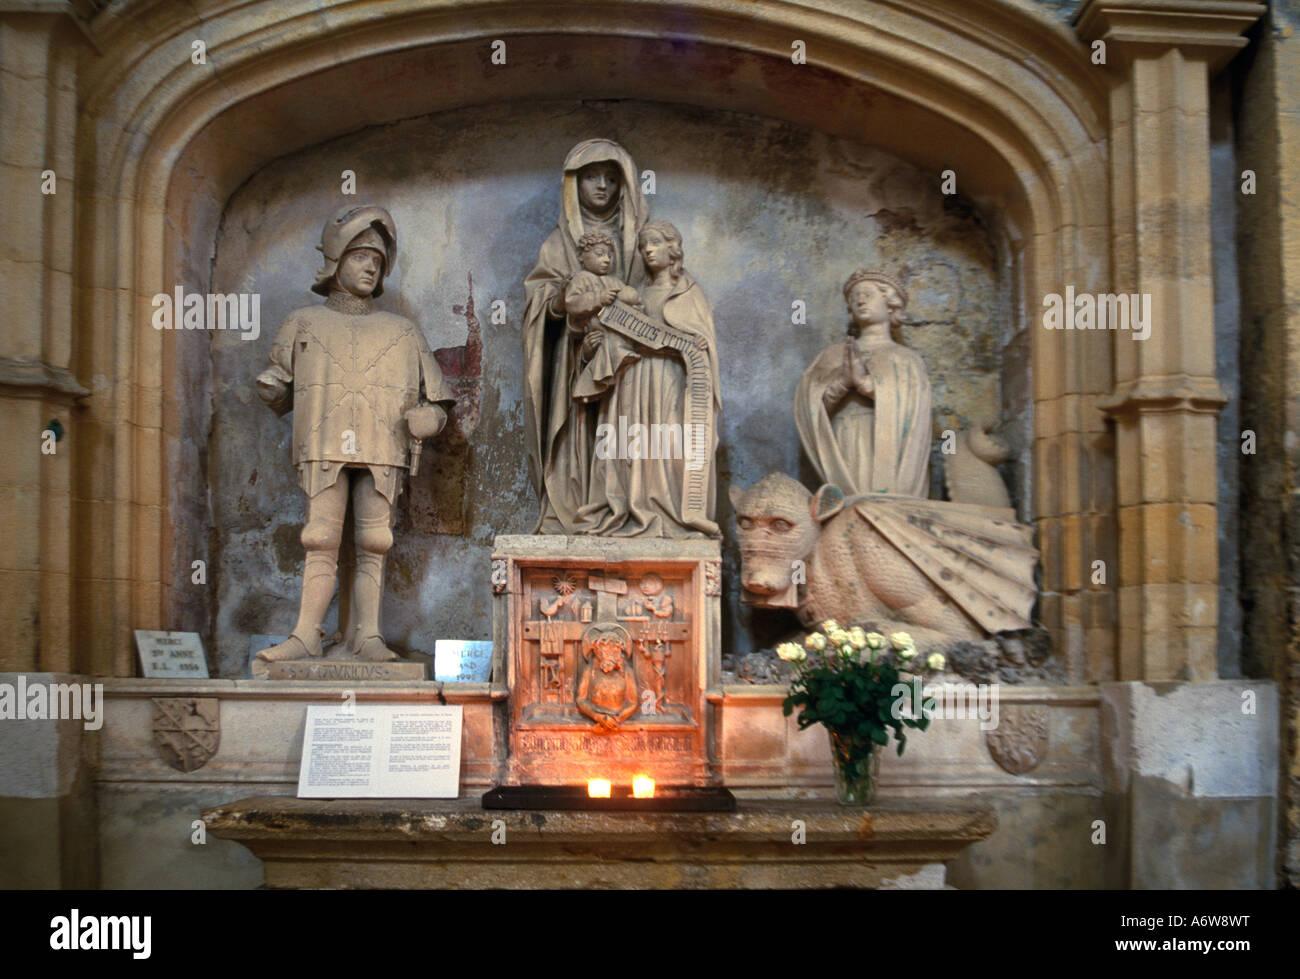 Provence Frankreich Aix-En-Provence Kathedrale St Sauveur Saint Anne vor Jungfrau mit Saint-Maurice in Rüstung Stockbild